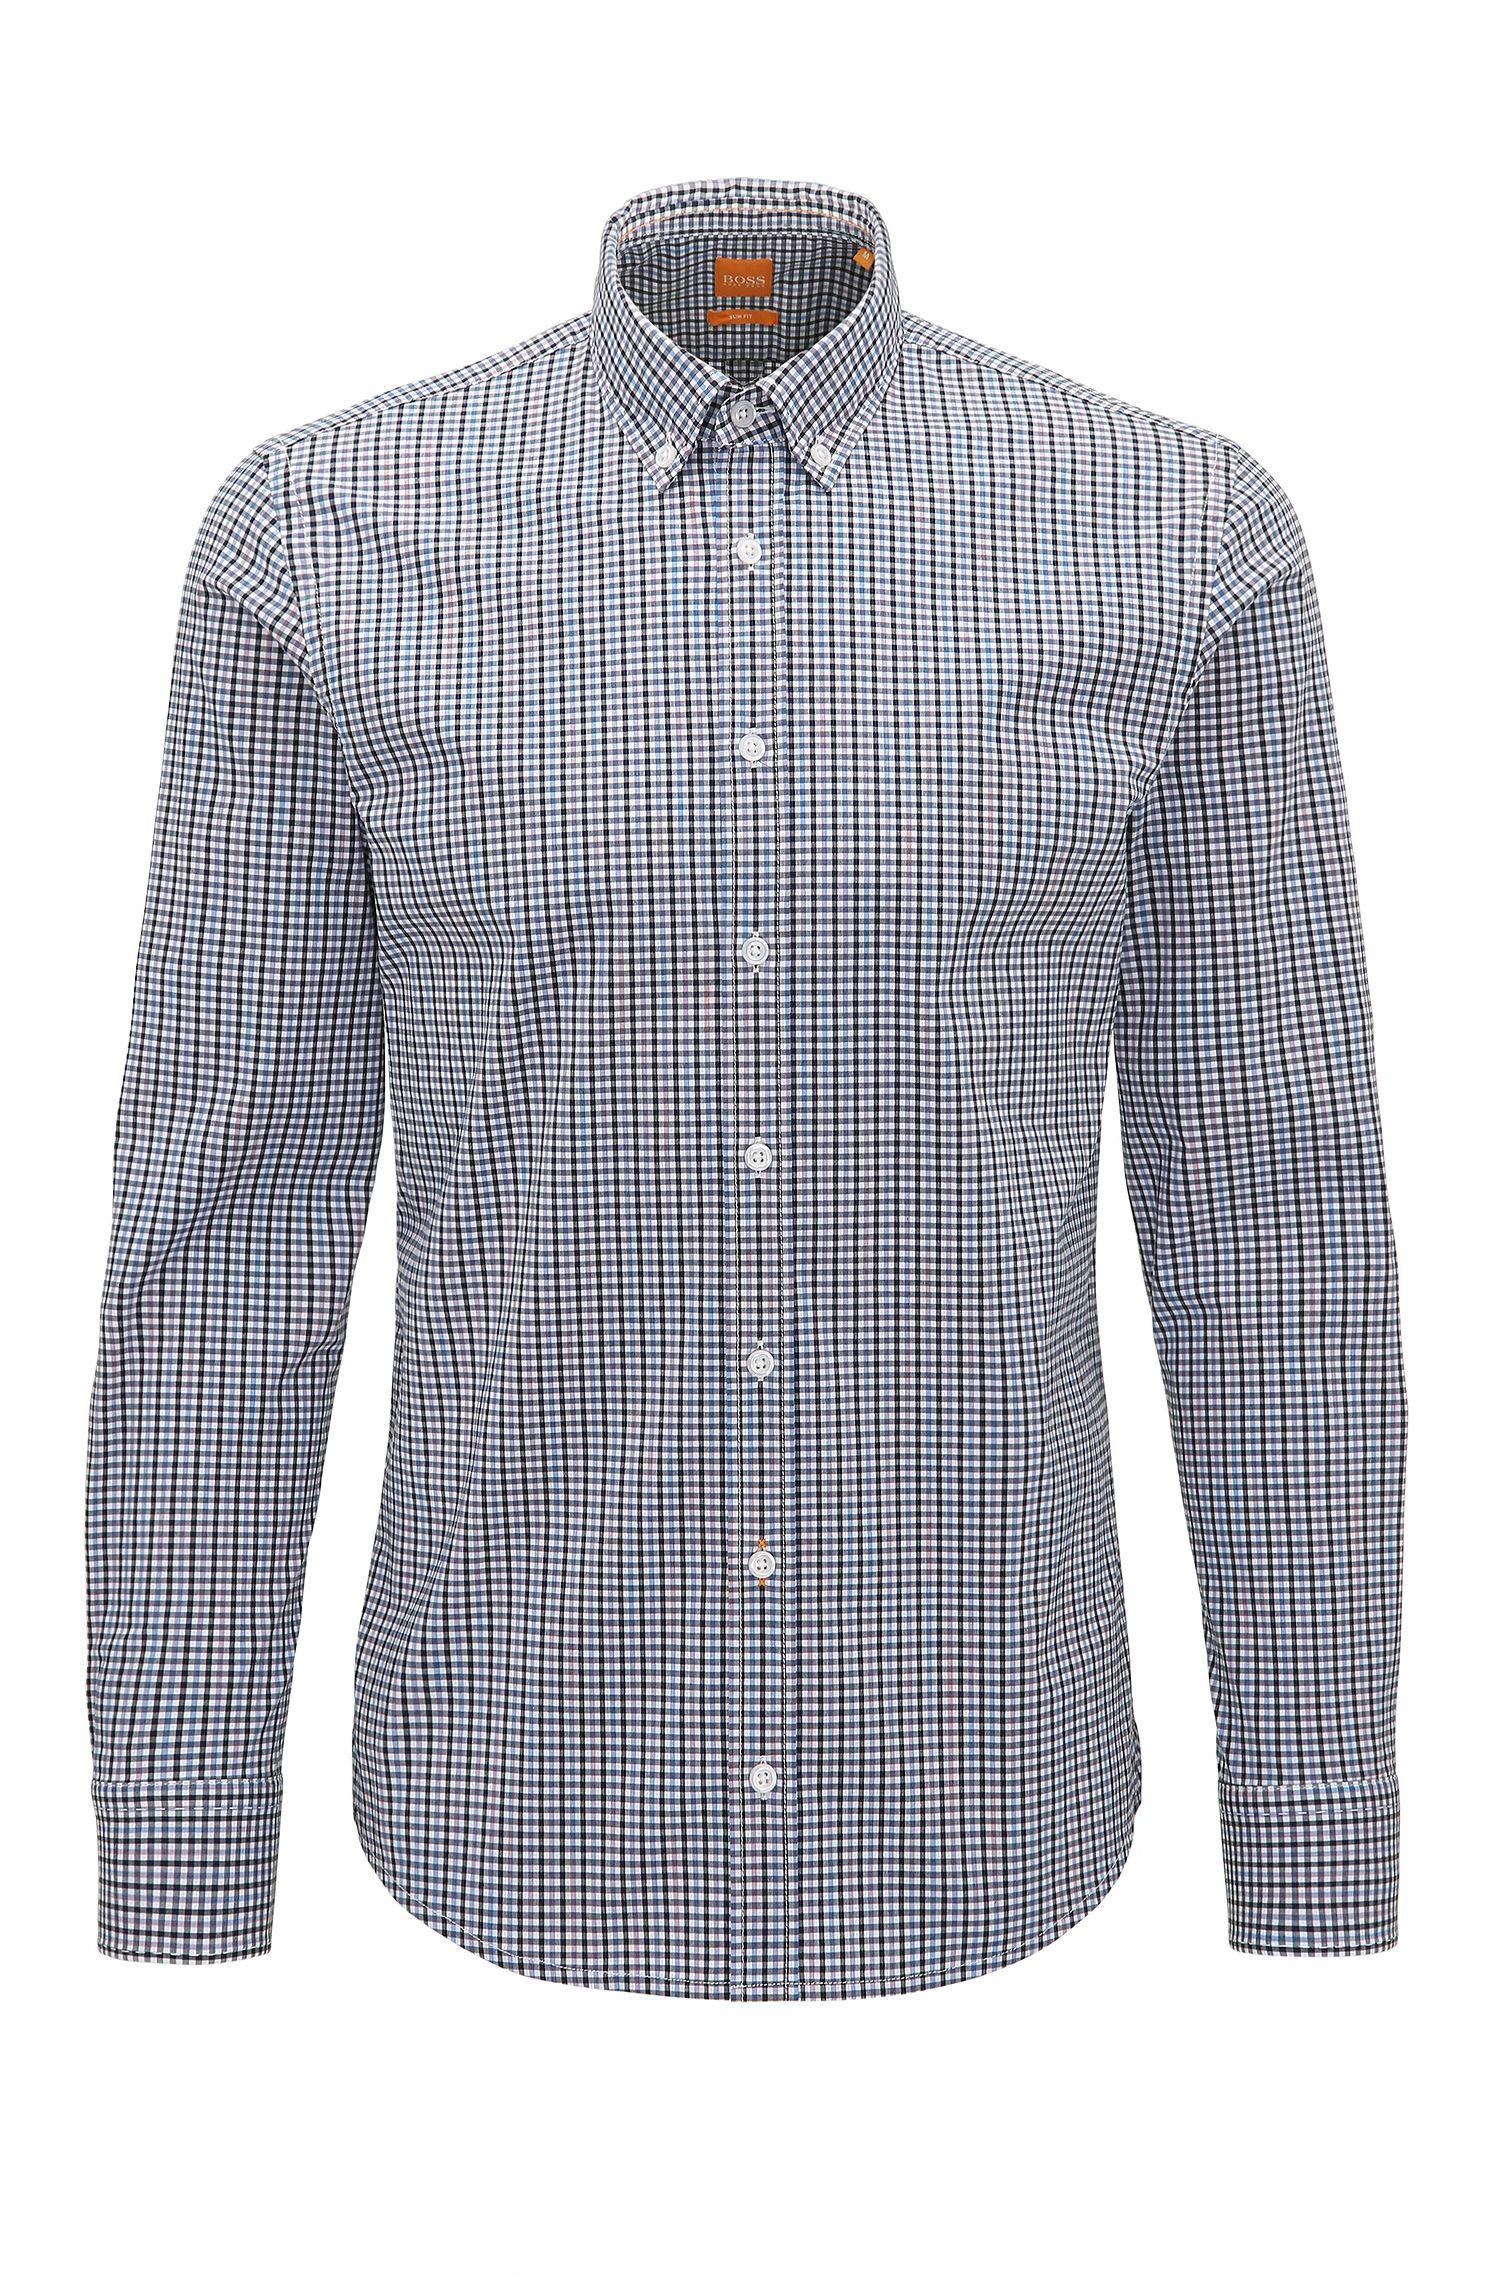 Camisa slim fit en algodón elástico a cuadros